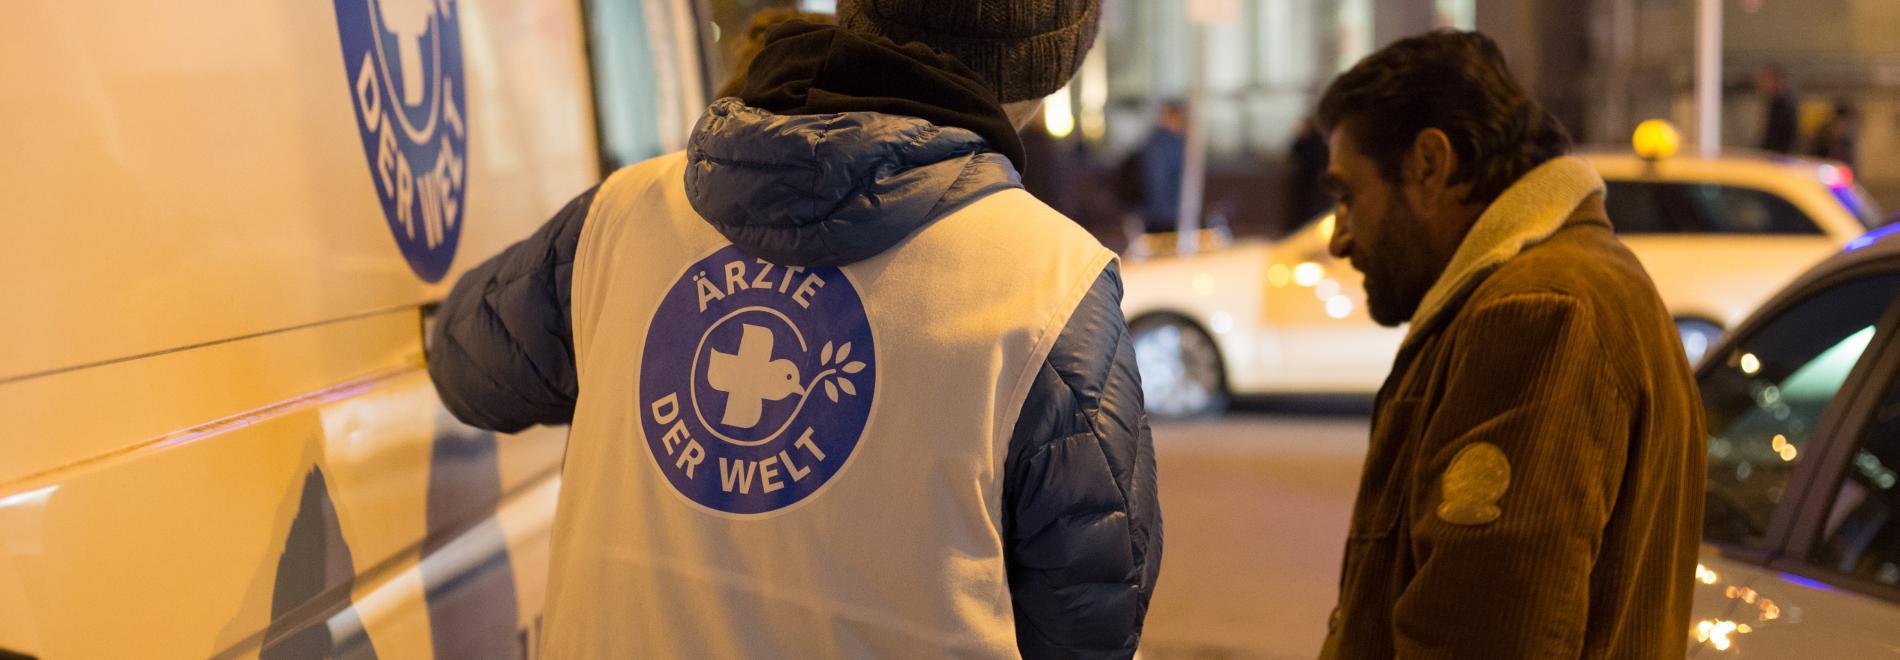 Wohnungsloser Patient am Ärzte der Welt-Behandlungsbus. Foto: Laura Schweizer